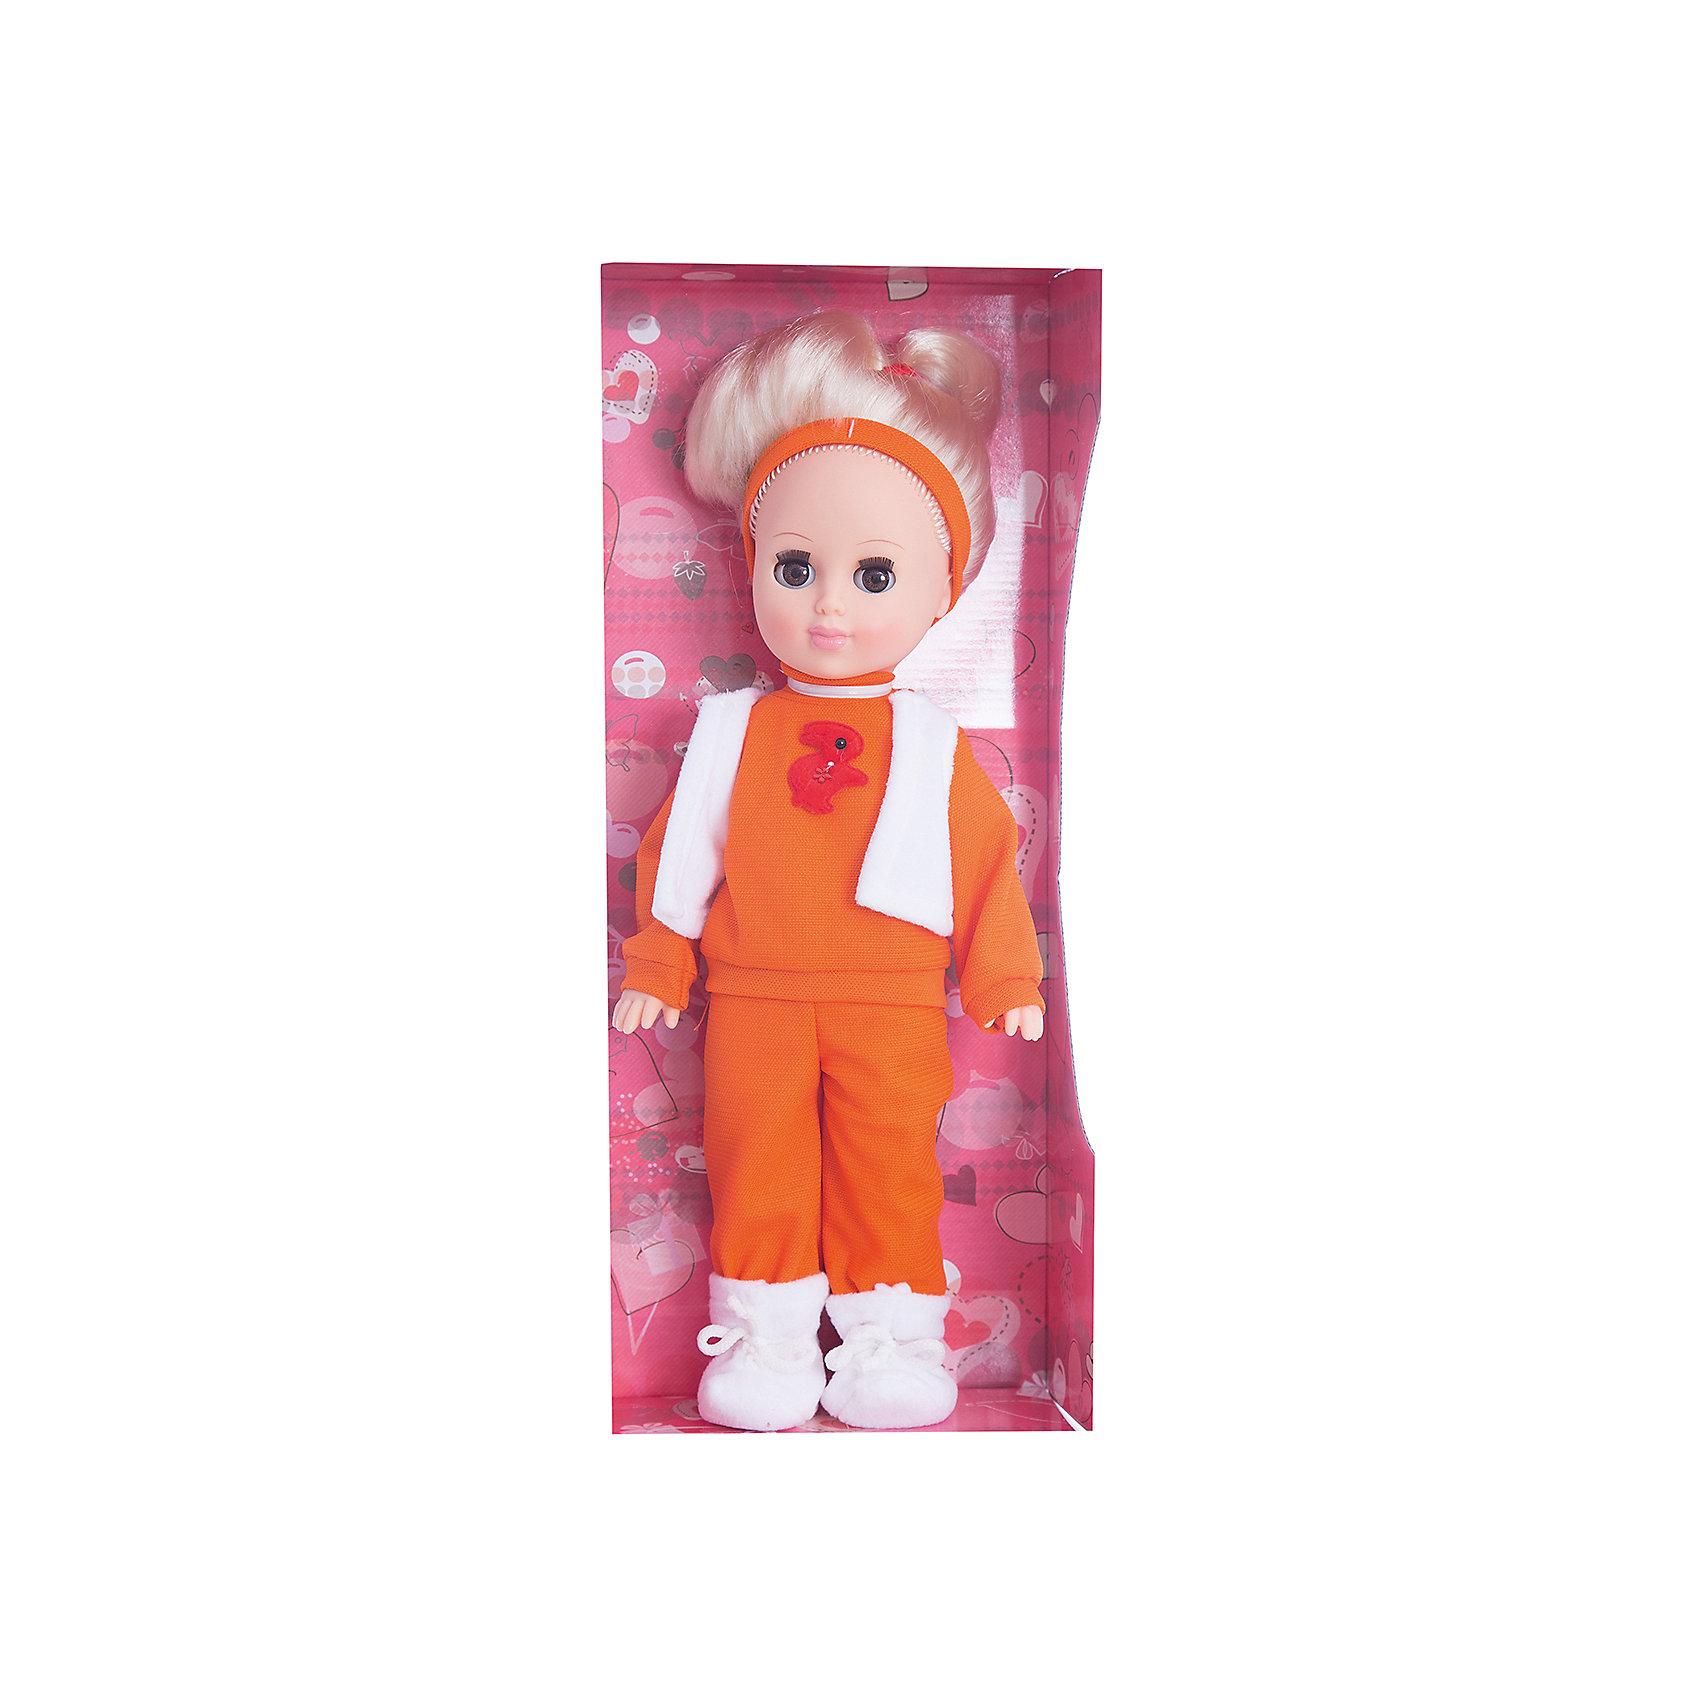 Кукла Алла 6, ВеснаБренды кукол<br><br><br>Ширина мм: 420<br>Глубина мм: 170<br>Высота мм: 100<br>Вес г: 360<br>Возраст от месяцев: 36<br>Возраст до месяцев: 144<br>Пол: Женский<br>Возраст: Детский<br>SKU: 4896502